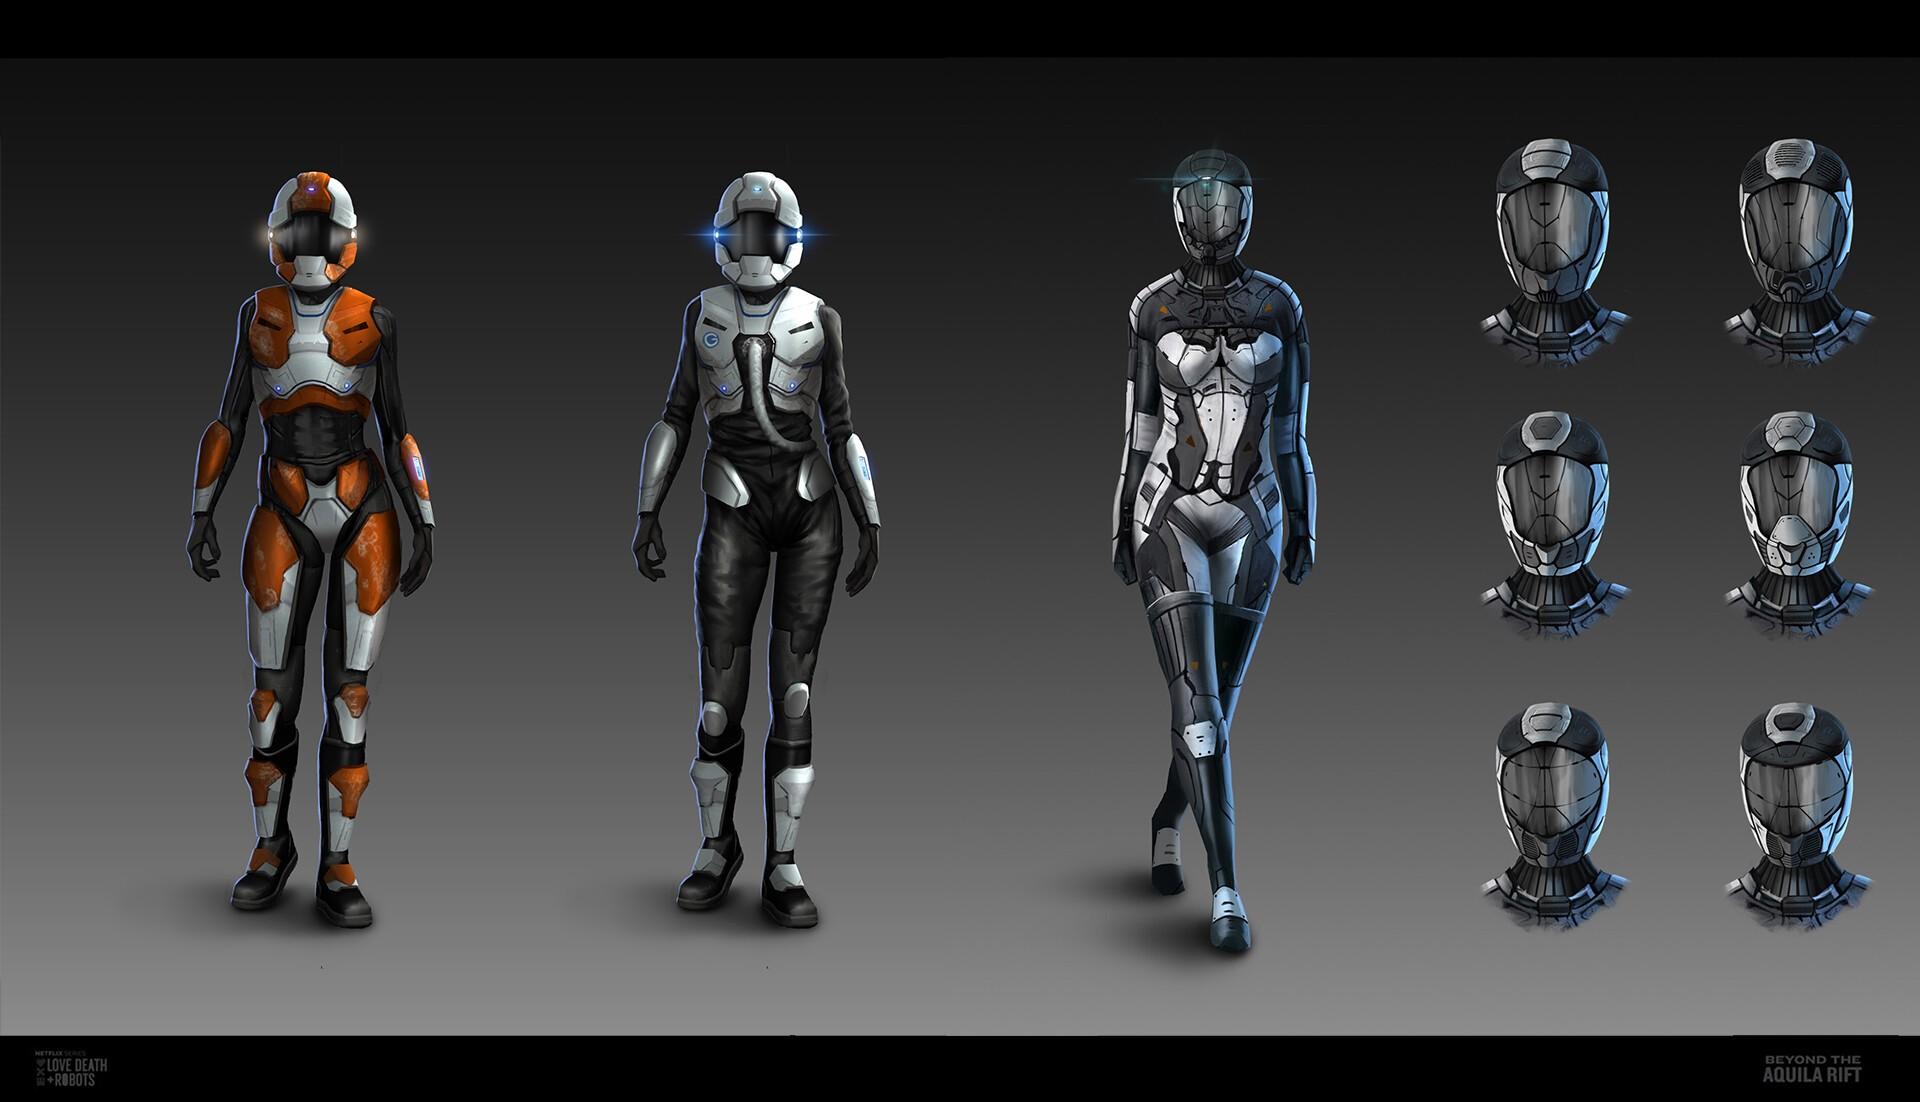 《爱,死亡和机器人》第7集概念图 视觉效果震撼